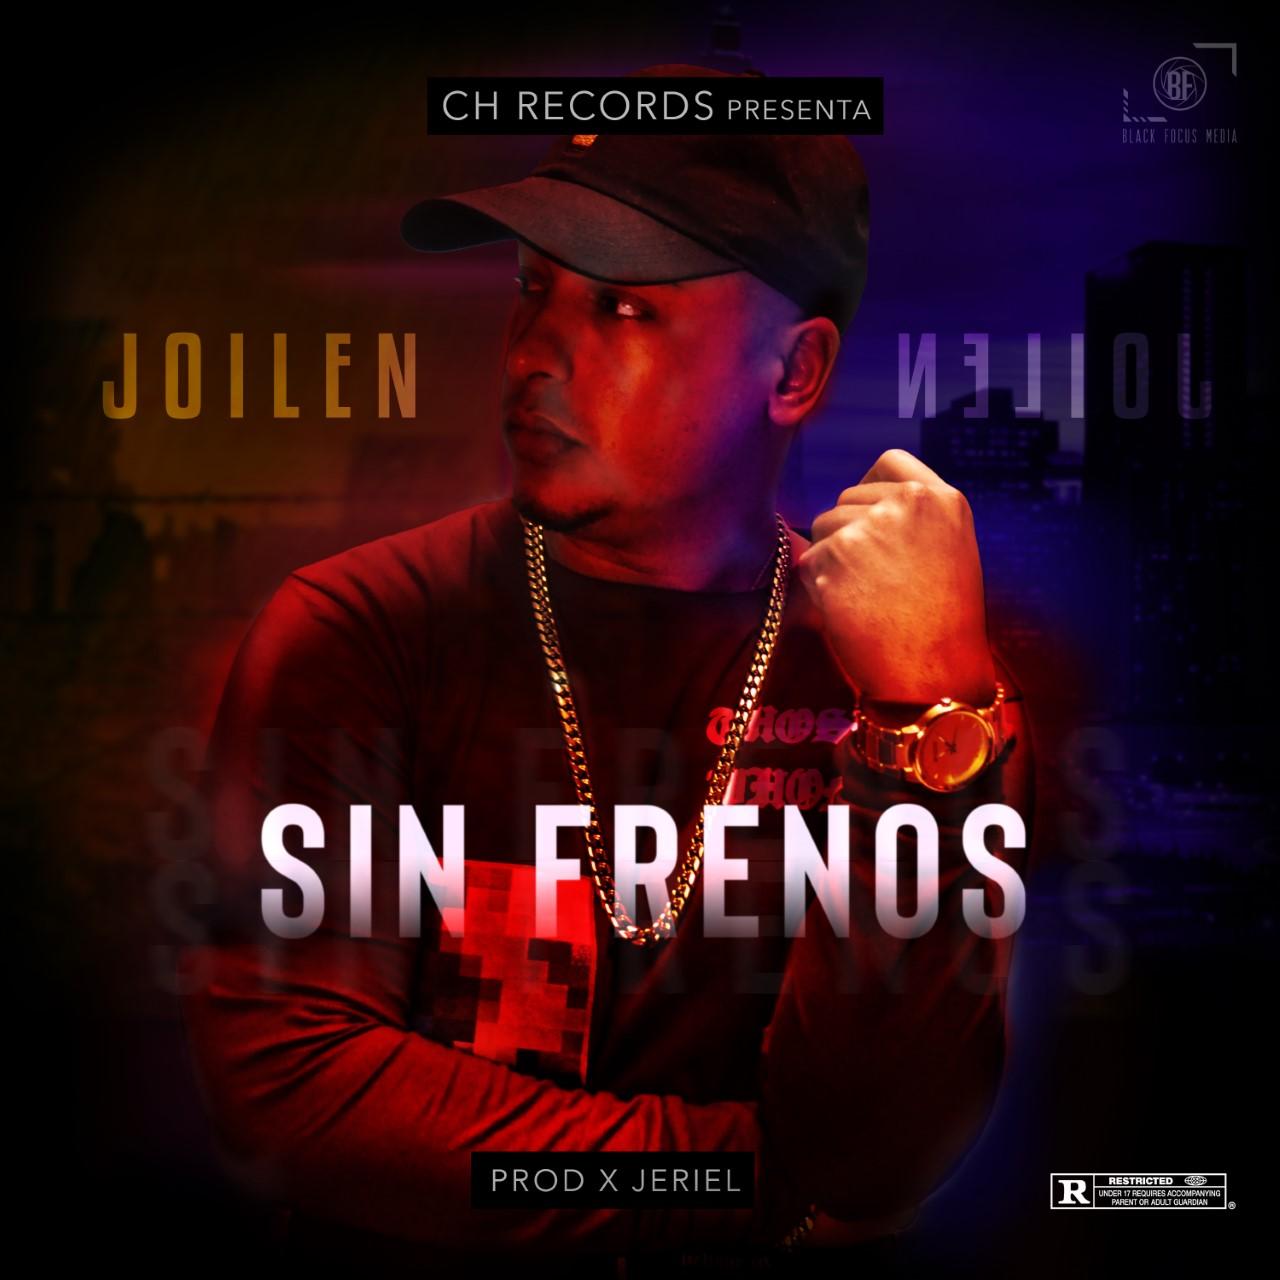 10392264 186075637641 1137264 n 1 - Joilen - Sin Frenos